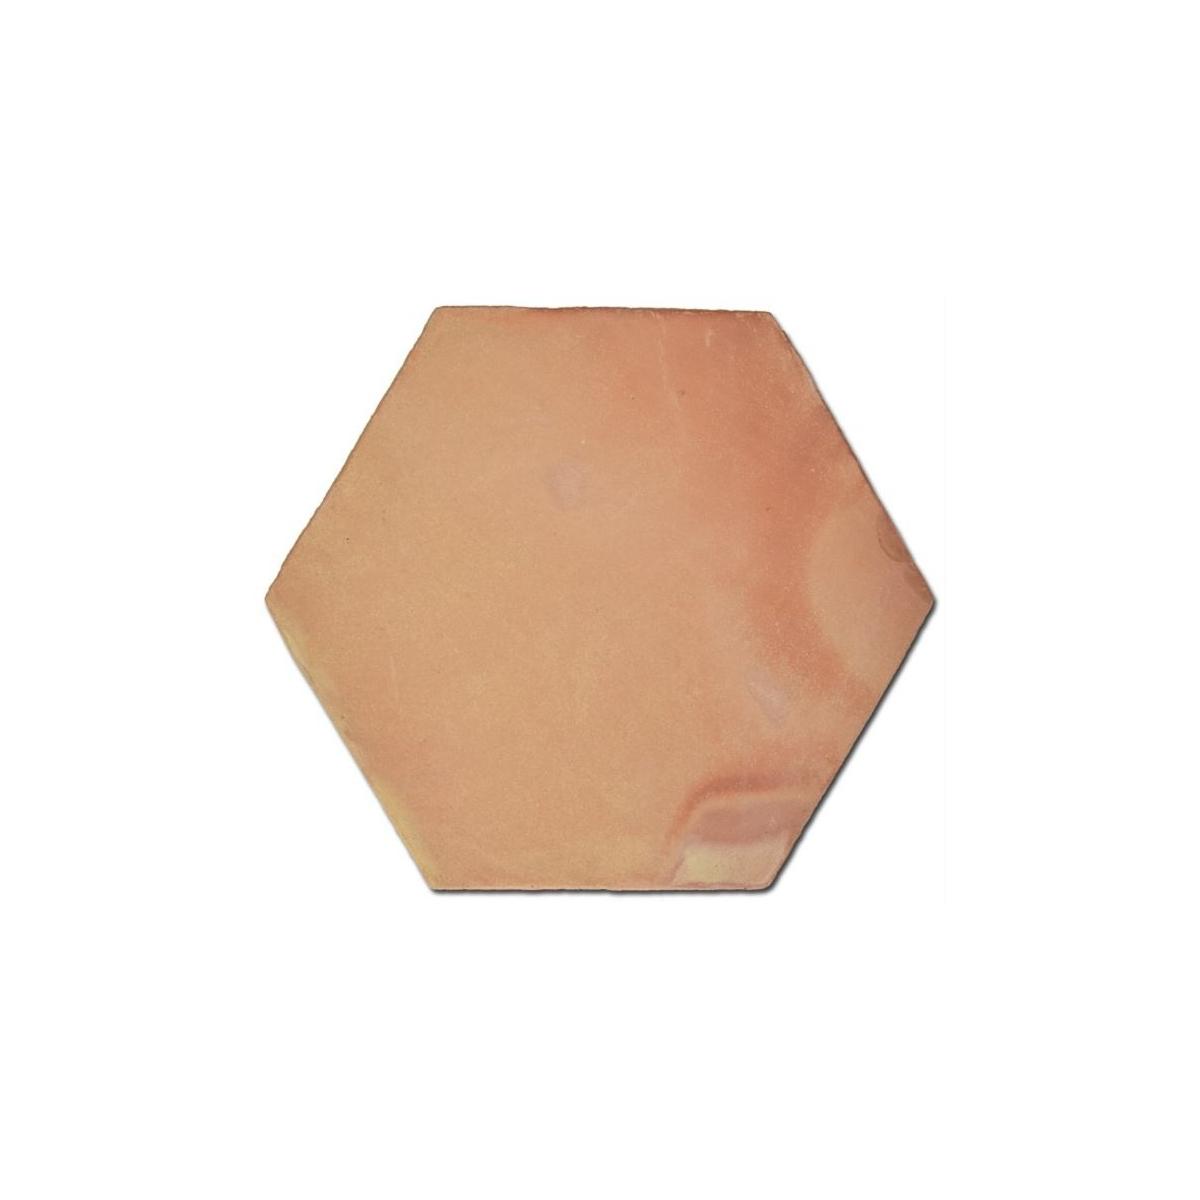 Baldosa Hexagonal de barro